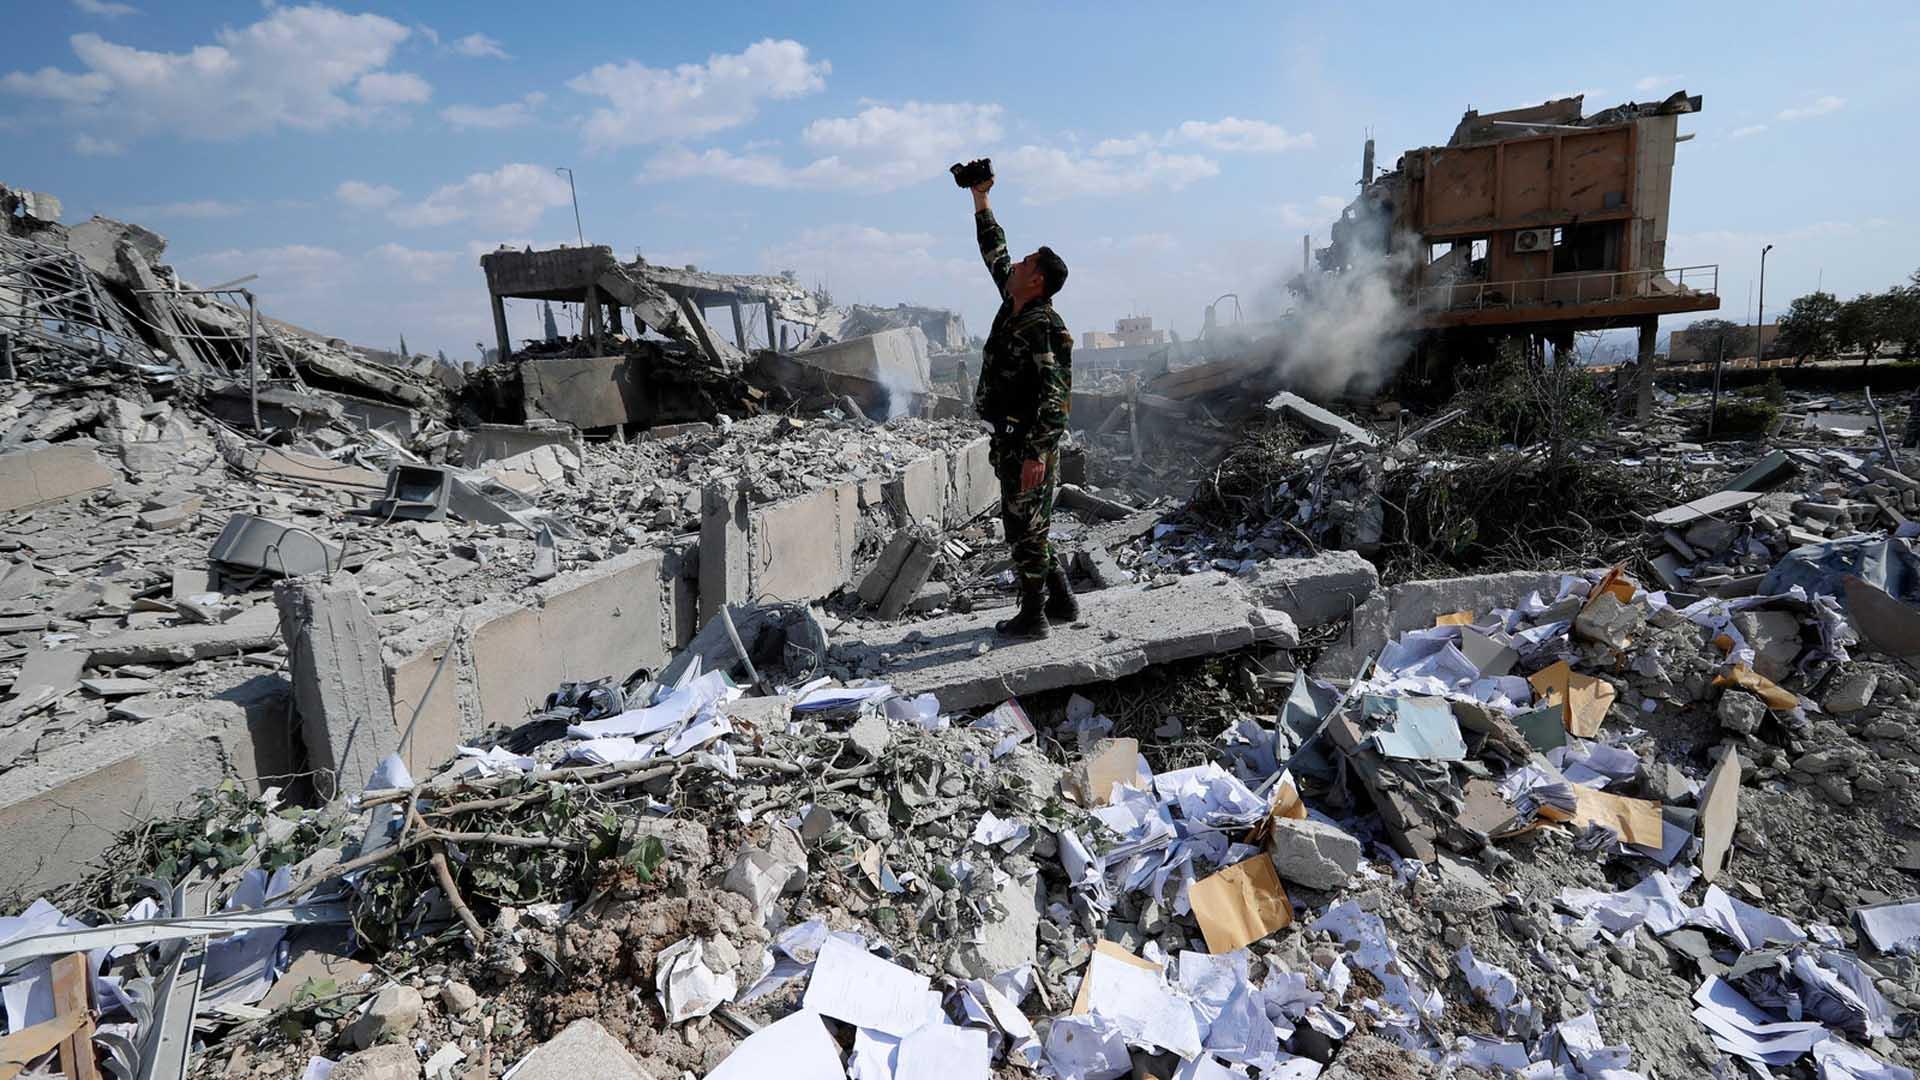 إبادة الحواضر وإدارة العنف في سورية